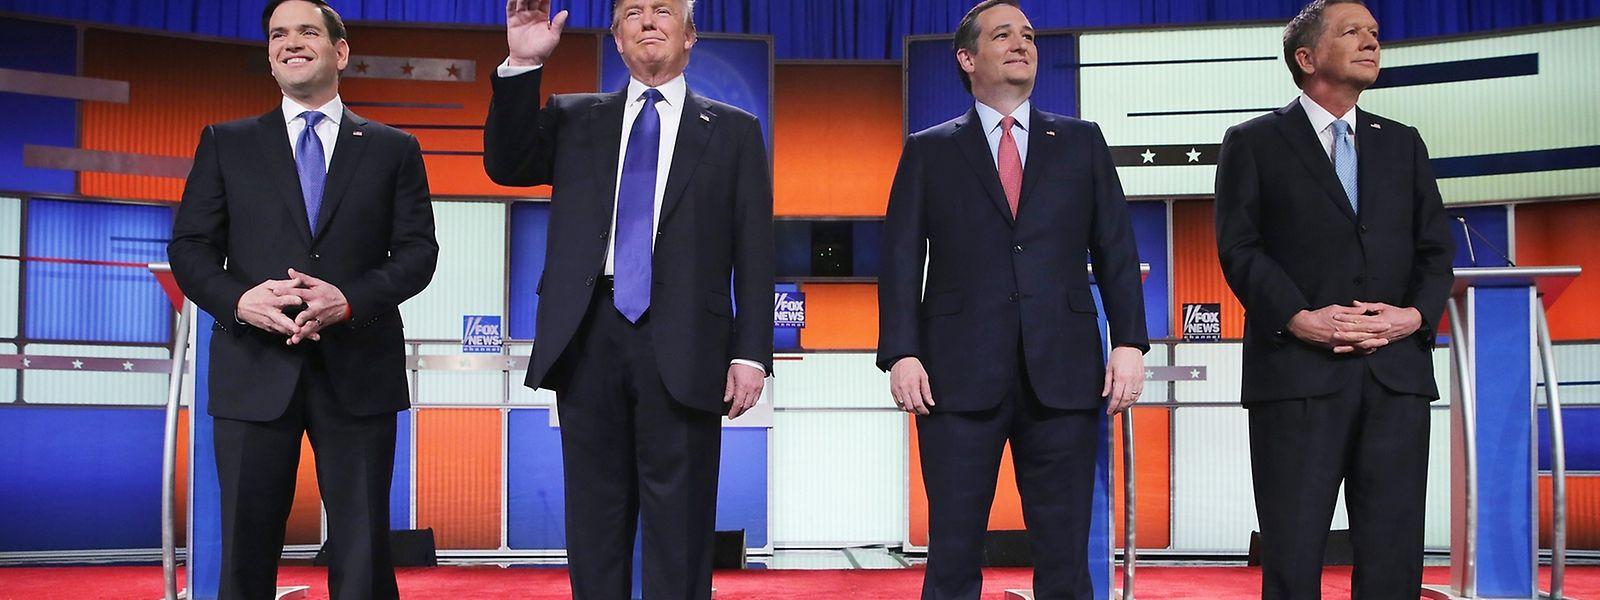 An der Debatte nahmen teil (v.l.n.r.) Marco Rubio, Donald Trump, Ted Cruz und John Kasich.